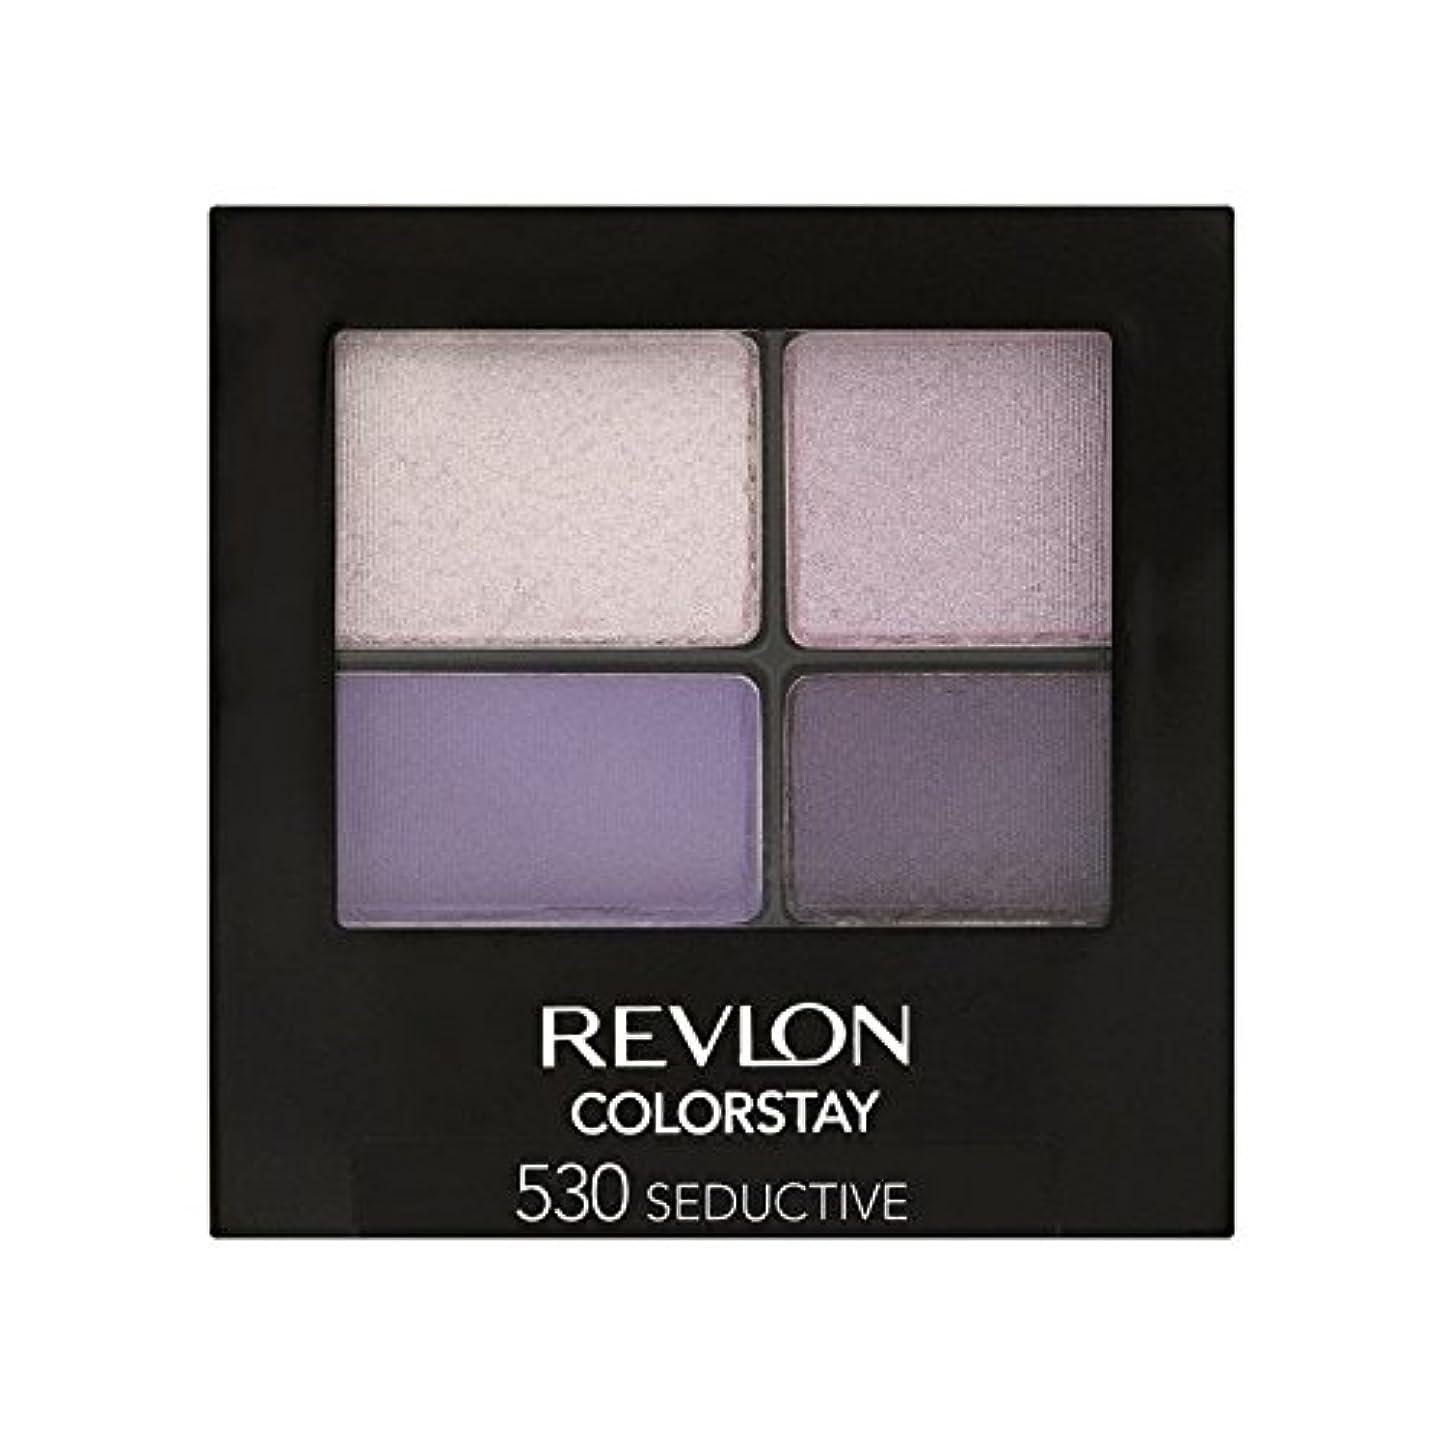 ニュージーランド主人不利レブロンの 16時間アイシャドウ誘惑530 x2 - Revlon Colorstay 16 Hour Eye Shadow Seductive 530 (Pack of 2) [並行輸入品]